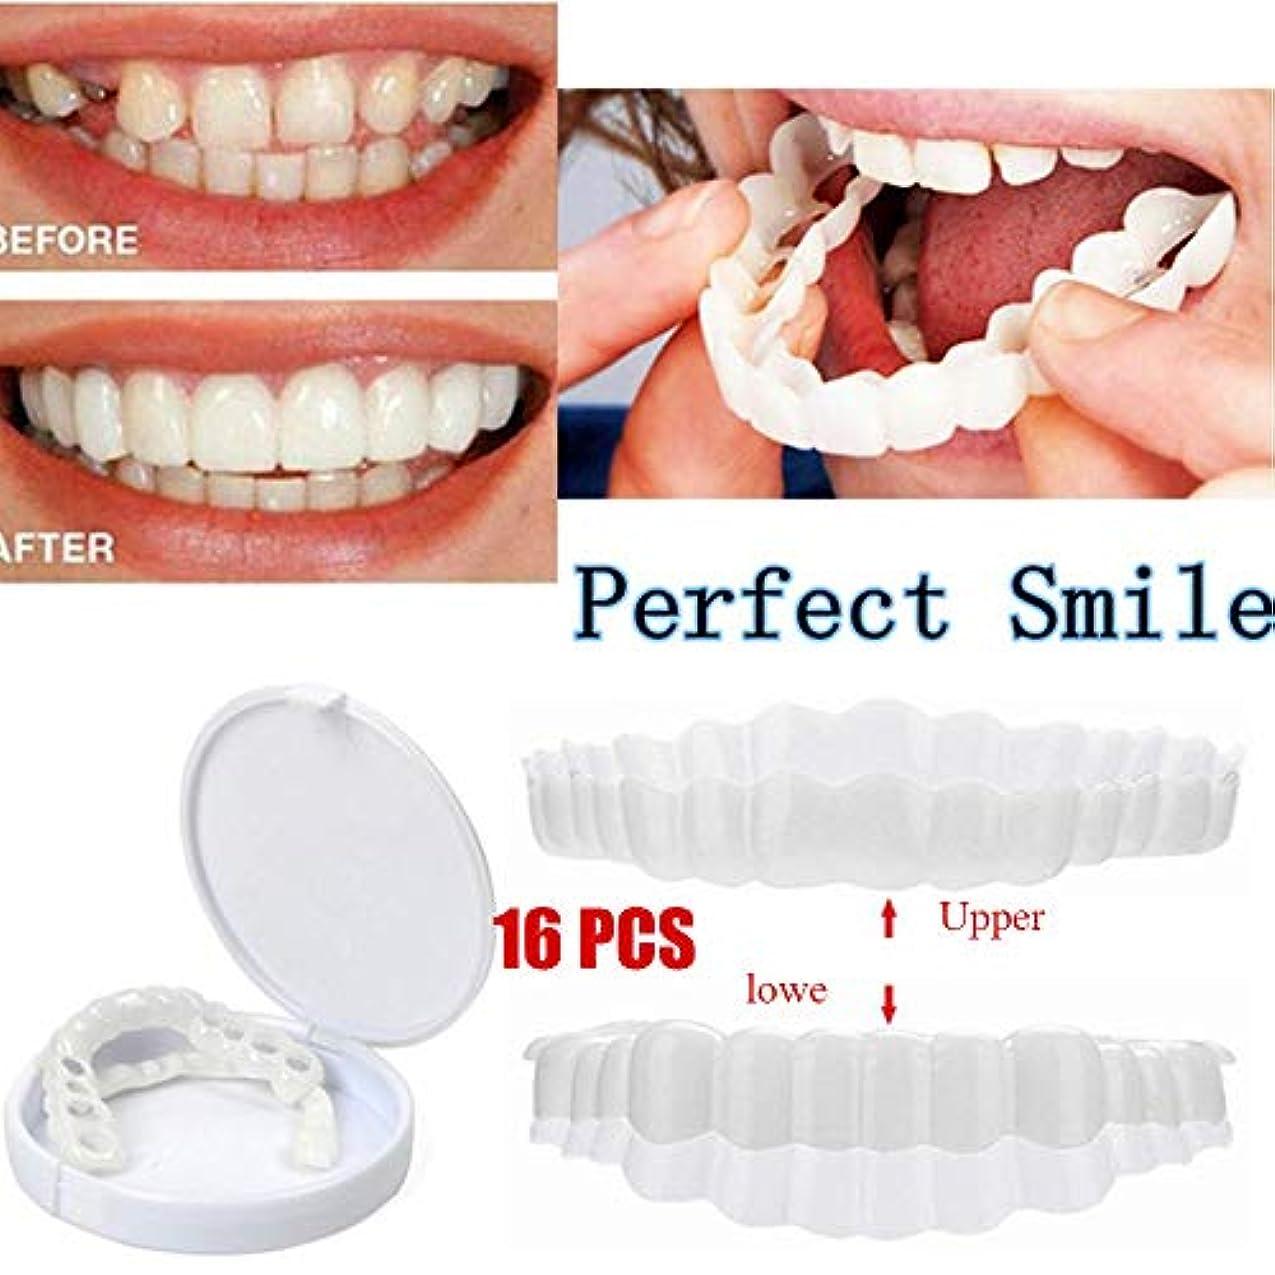 ごちそう面白い愛されし者義歯のスマイルホワイトニングと弾性ケアに最適な、大人用の新しい上下の義歯16個の再使用可能なPCS(上部+下部)